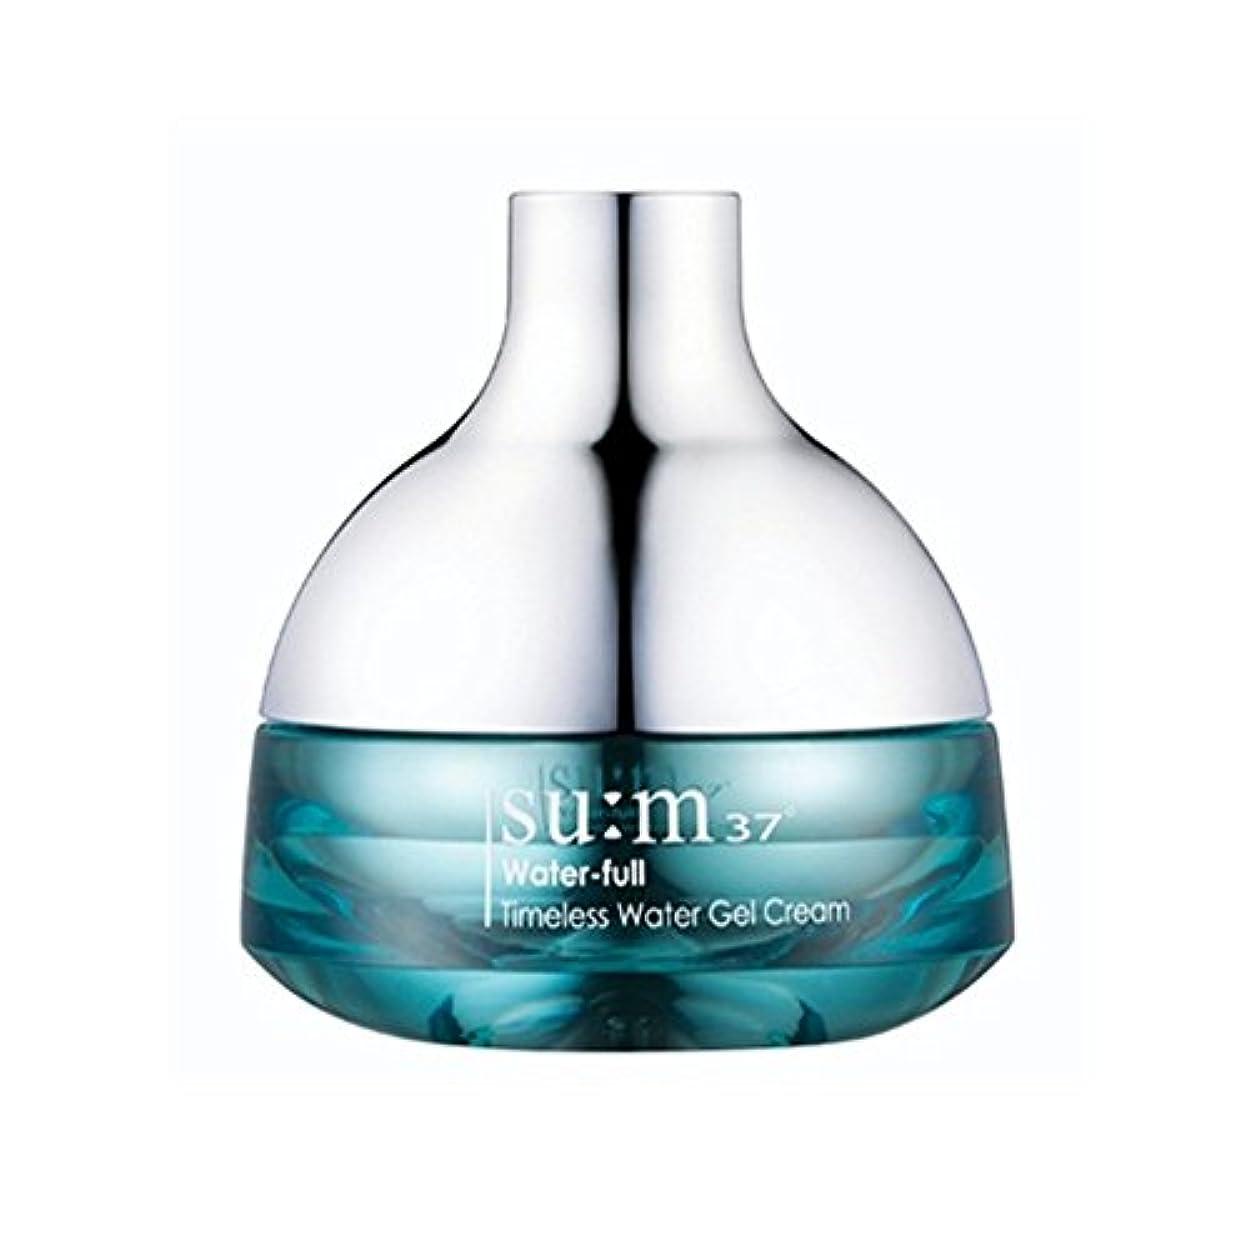 シード洞察力のある聴覚障害者[su:m37/スム37°] SUM37 Water-full Timeless Water Gel Cream 50ml/WF07 sum37 ウォータフル タイムレス ウォータージェルクリーム 50ml +[Sample...